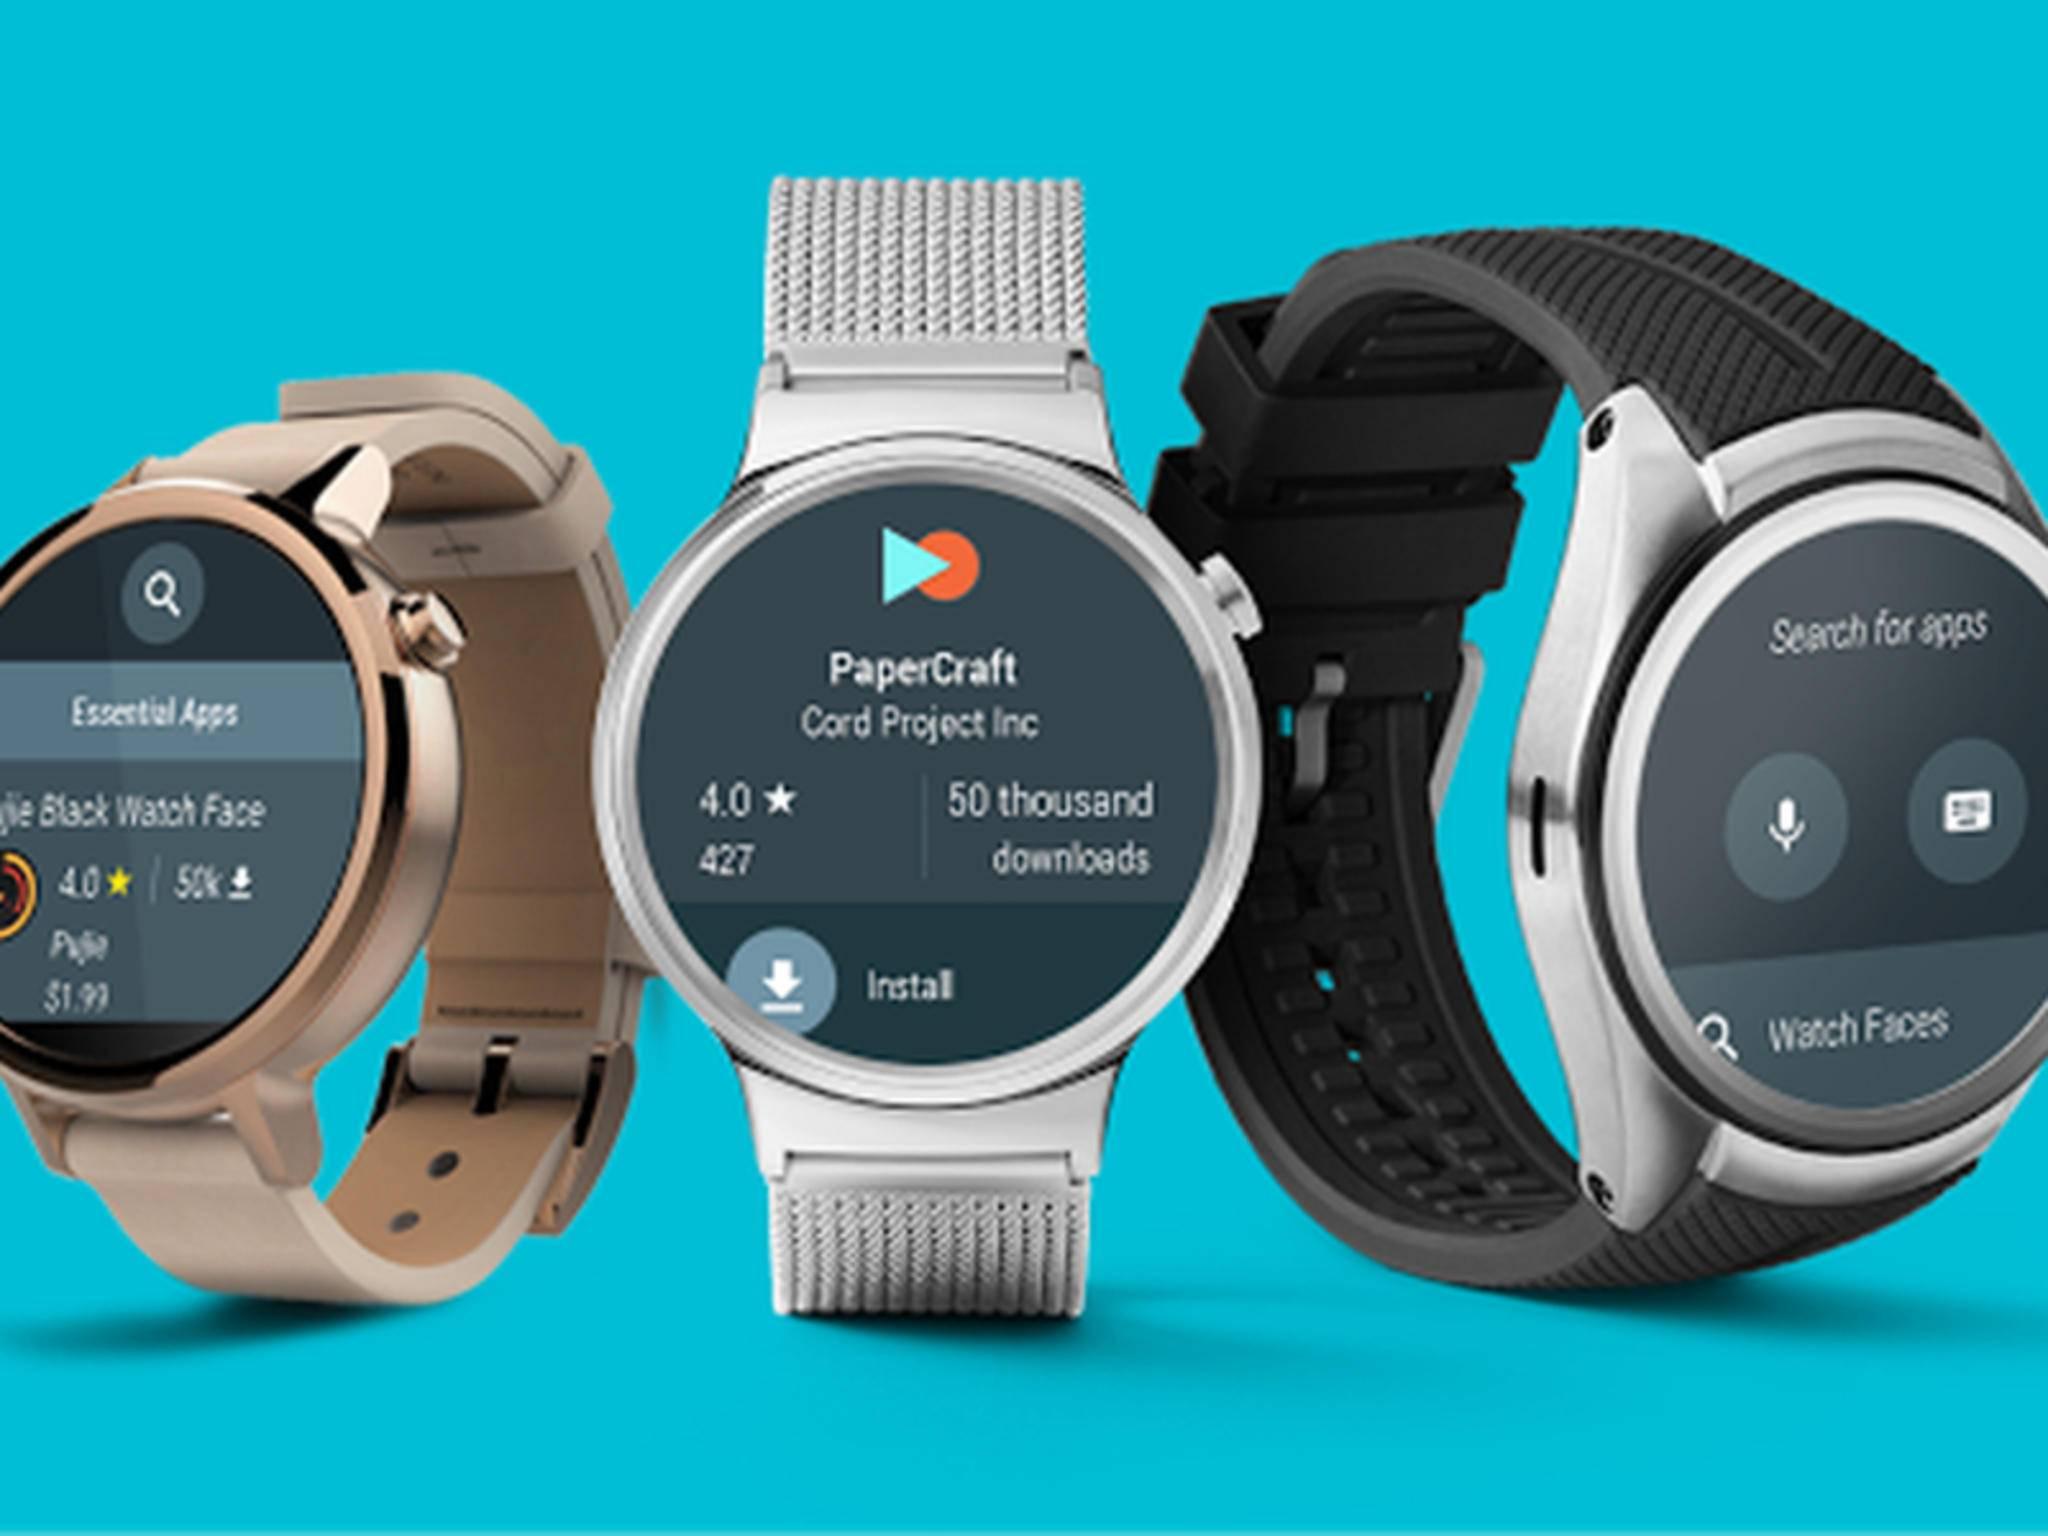 Google präsentiert bereits Android Wear 2.0 und möchte wohl auch die passenden Smartwatches anbieten.